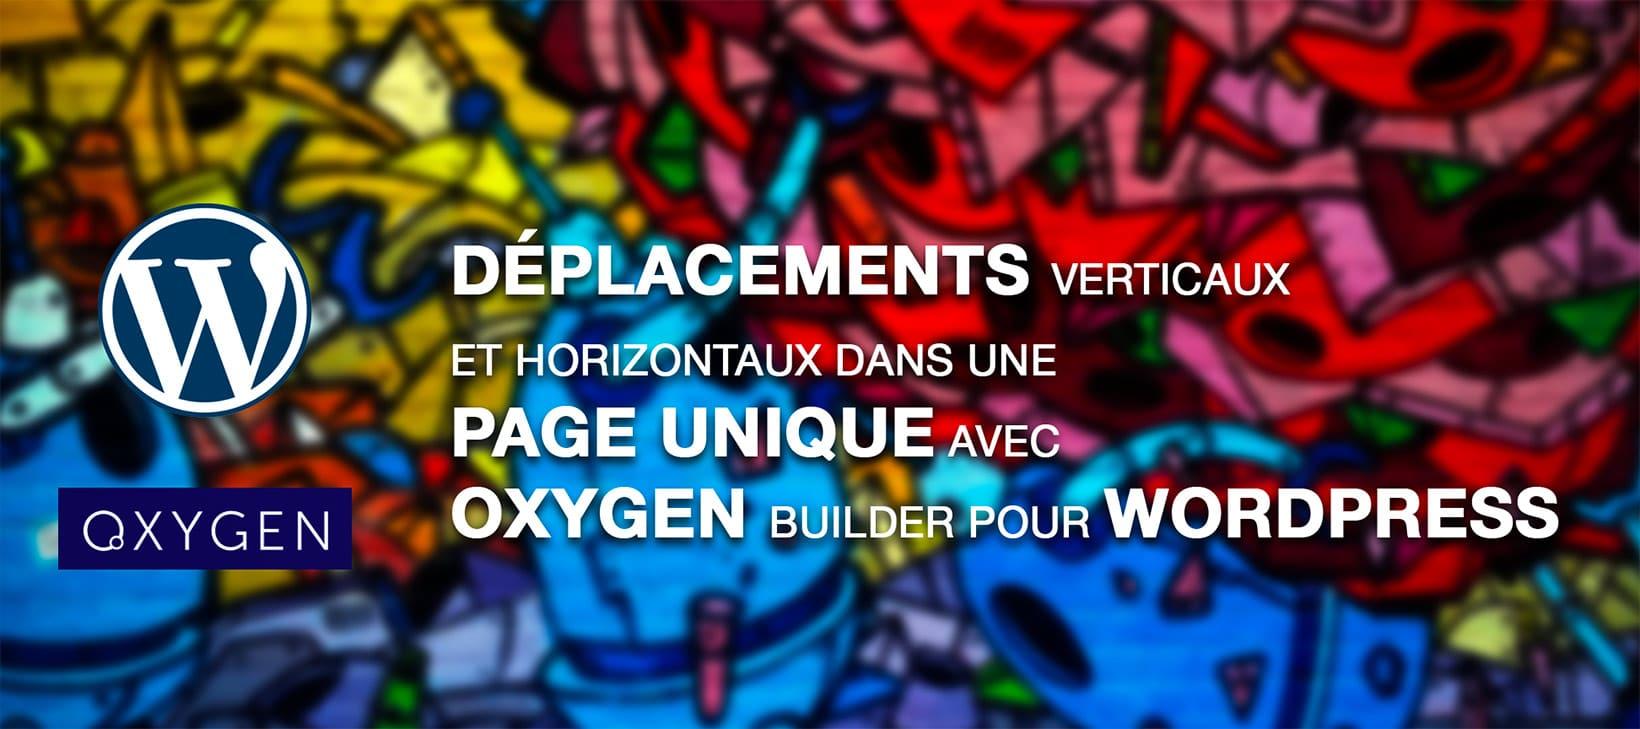 Deplacements horizontaux et verticaux dans une page unique Wordpress